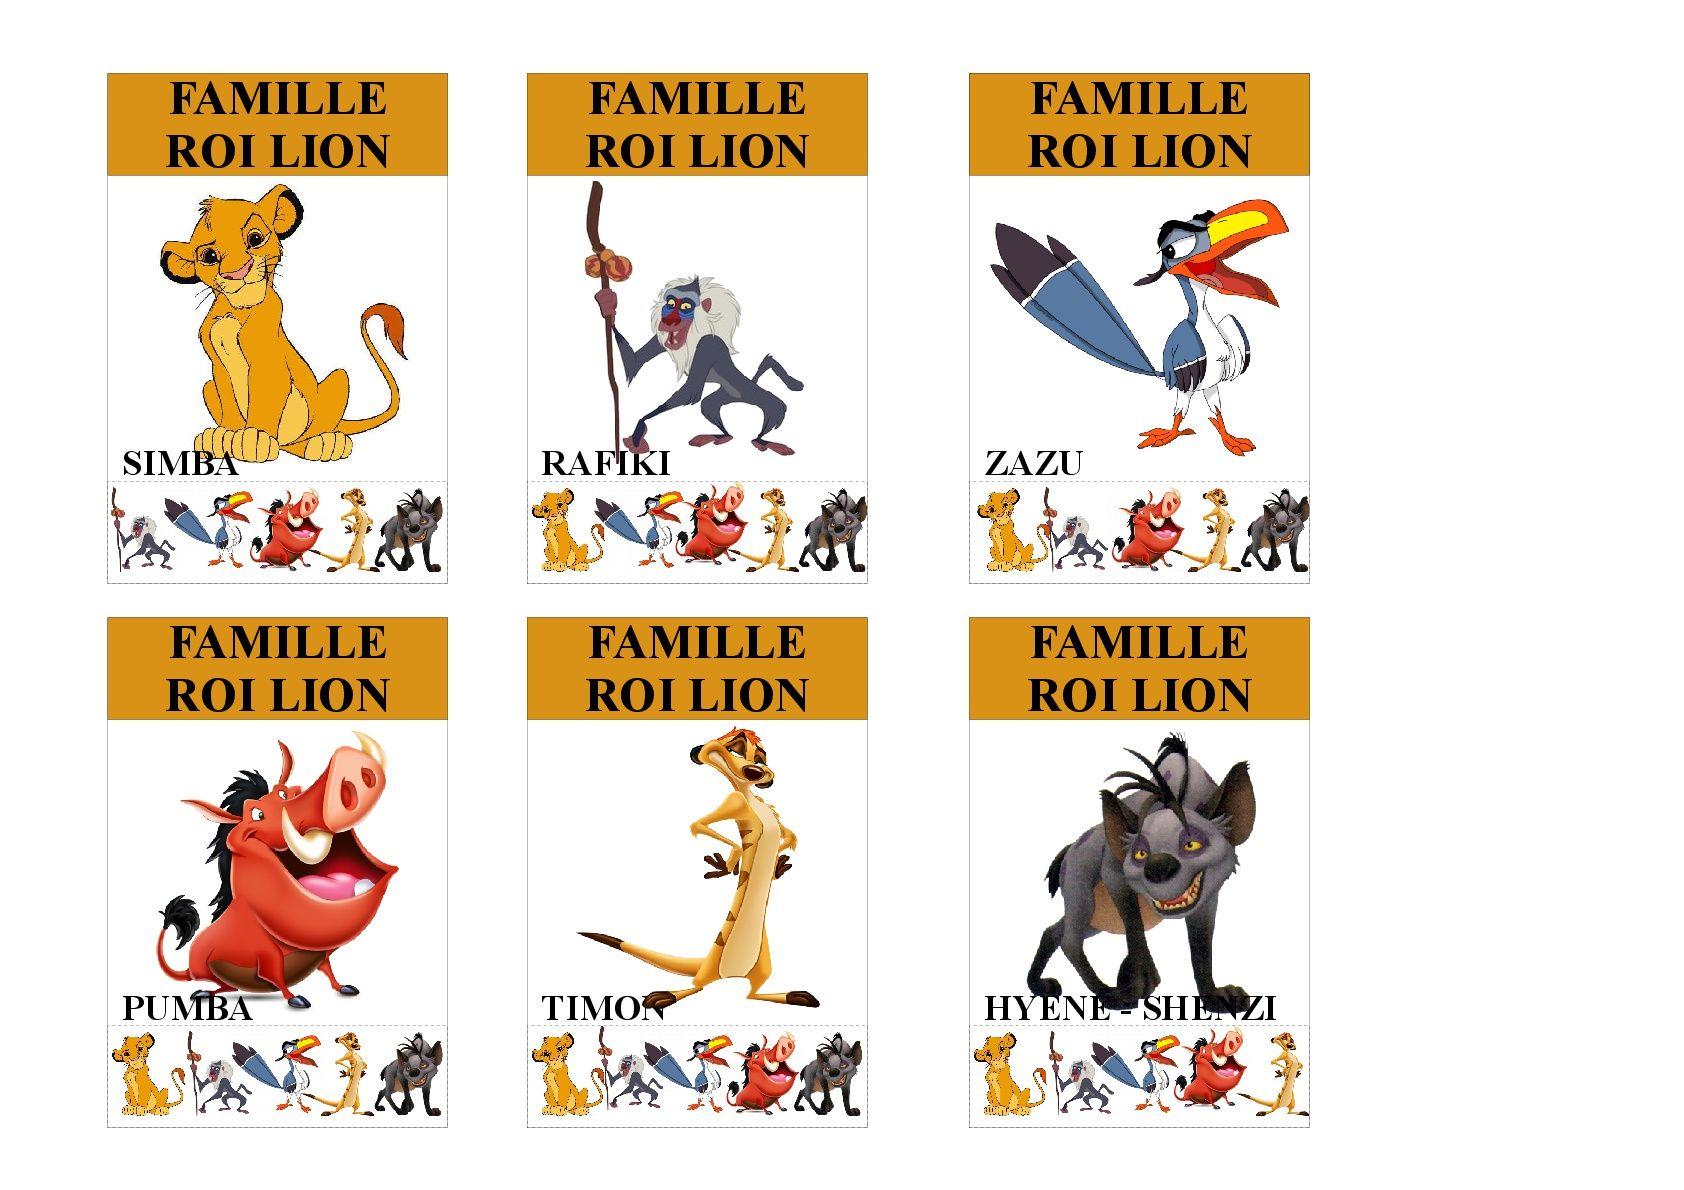 Famille Roi Lion Jeu Des 7 Familles Utilisable Pour Les Plus Jeunes Vu Que Tous Les Membres Des Familles Sont In Jeux Des 7 Familles Le Roi Lion Famille Disney